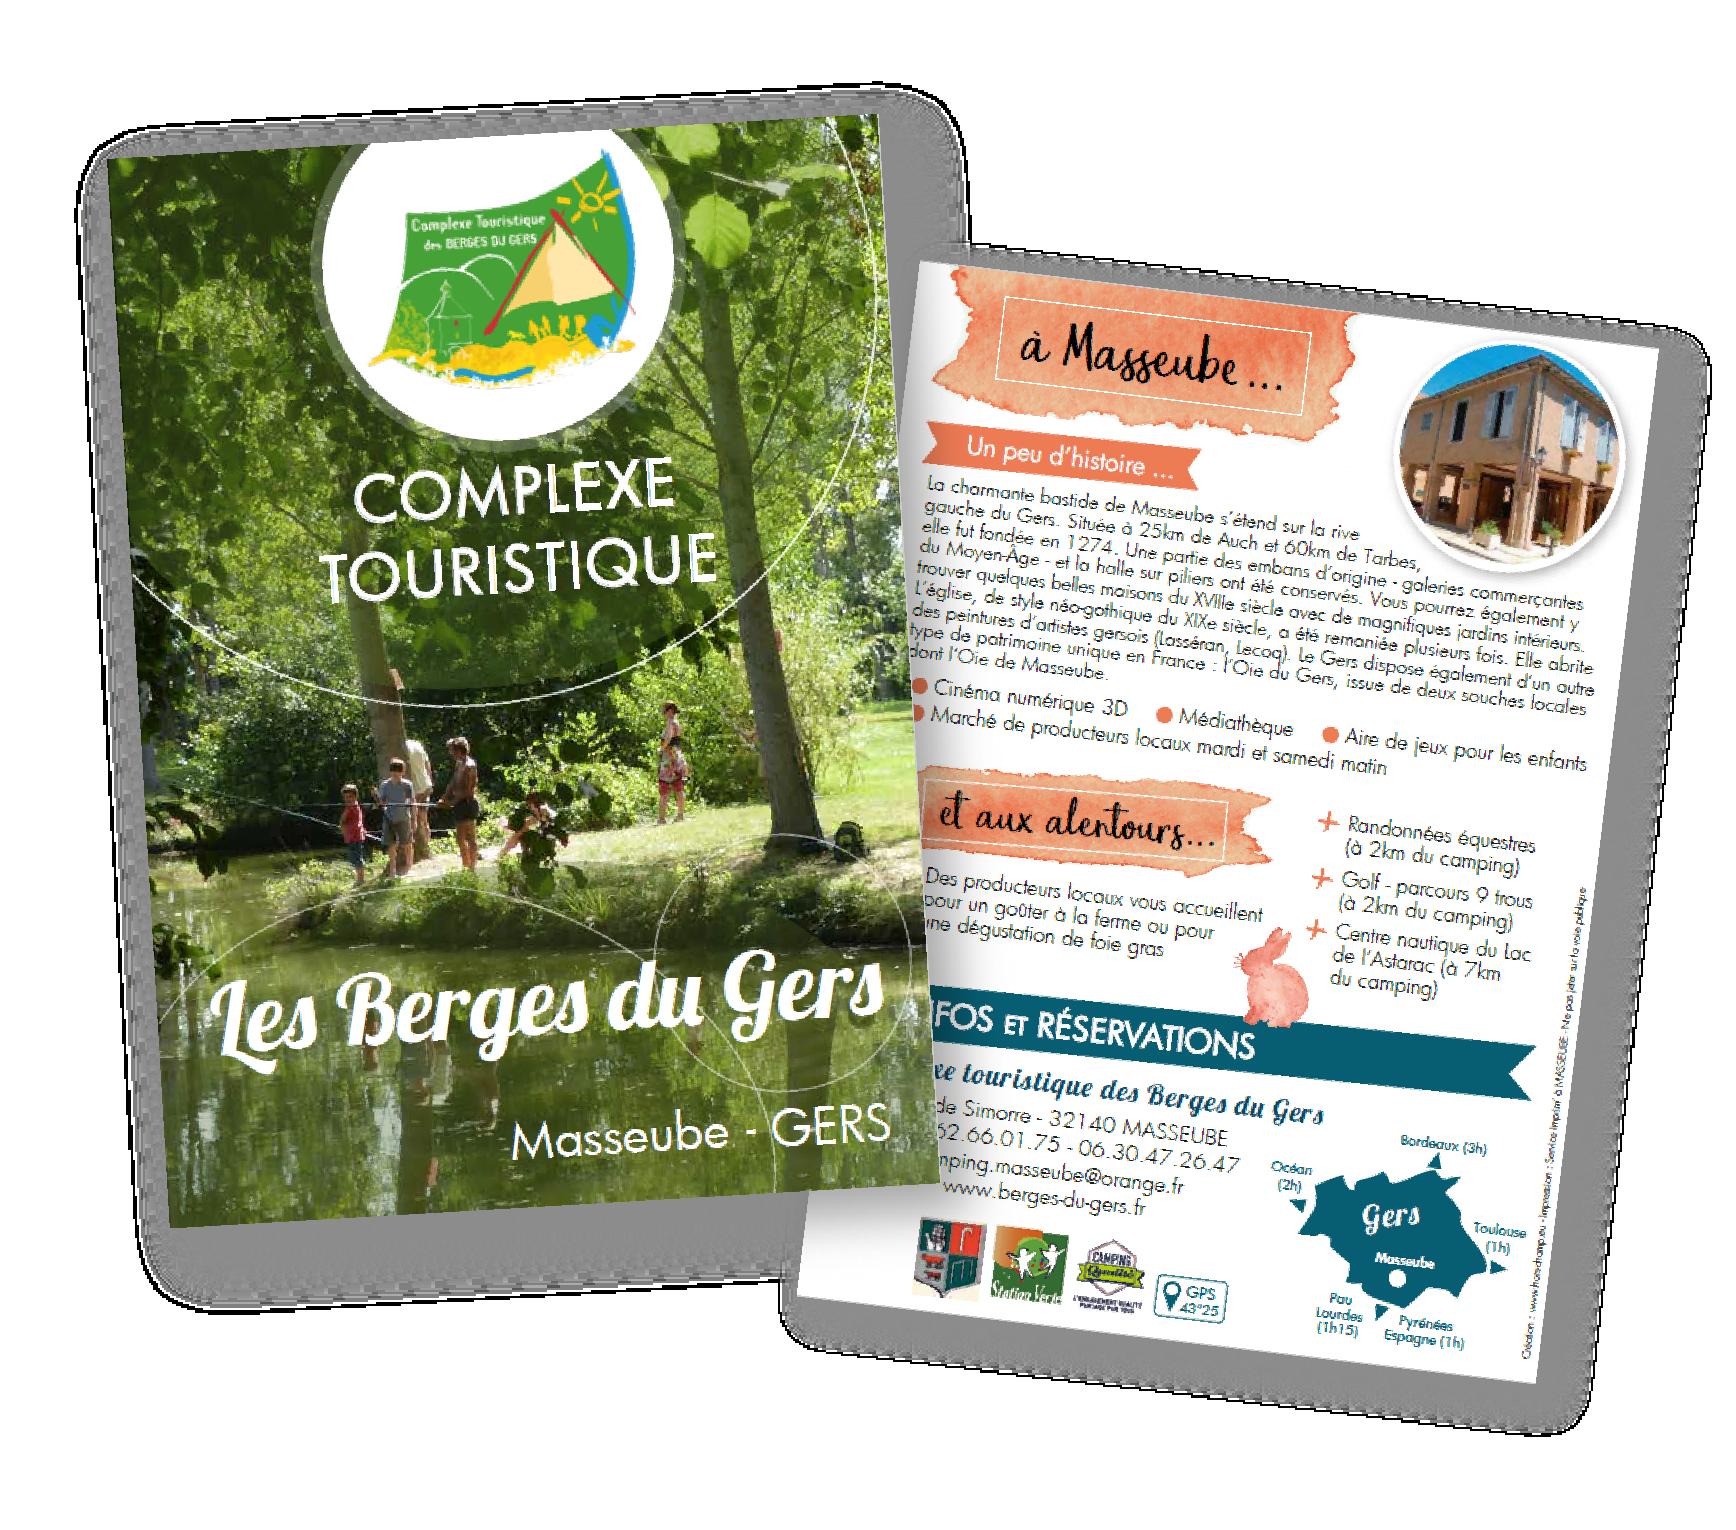 DÉPLIANT 02 // Camping Les Berges du Gers à Masseube (2018)